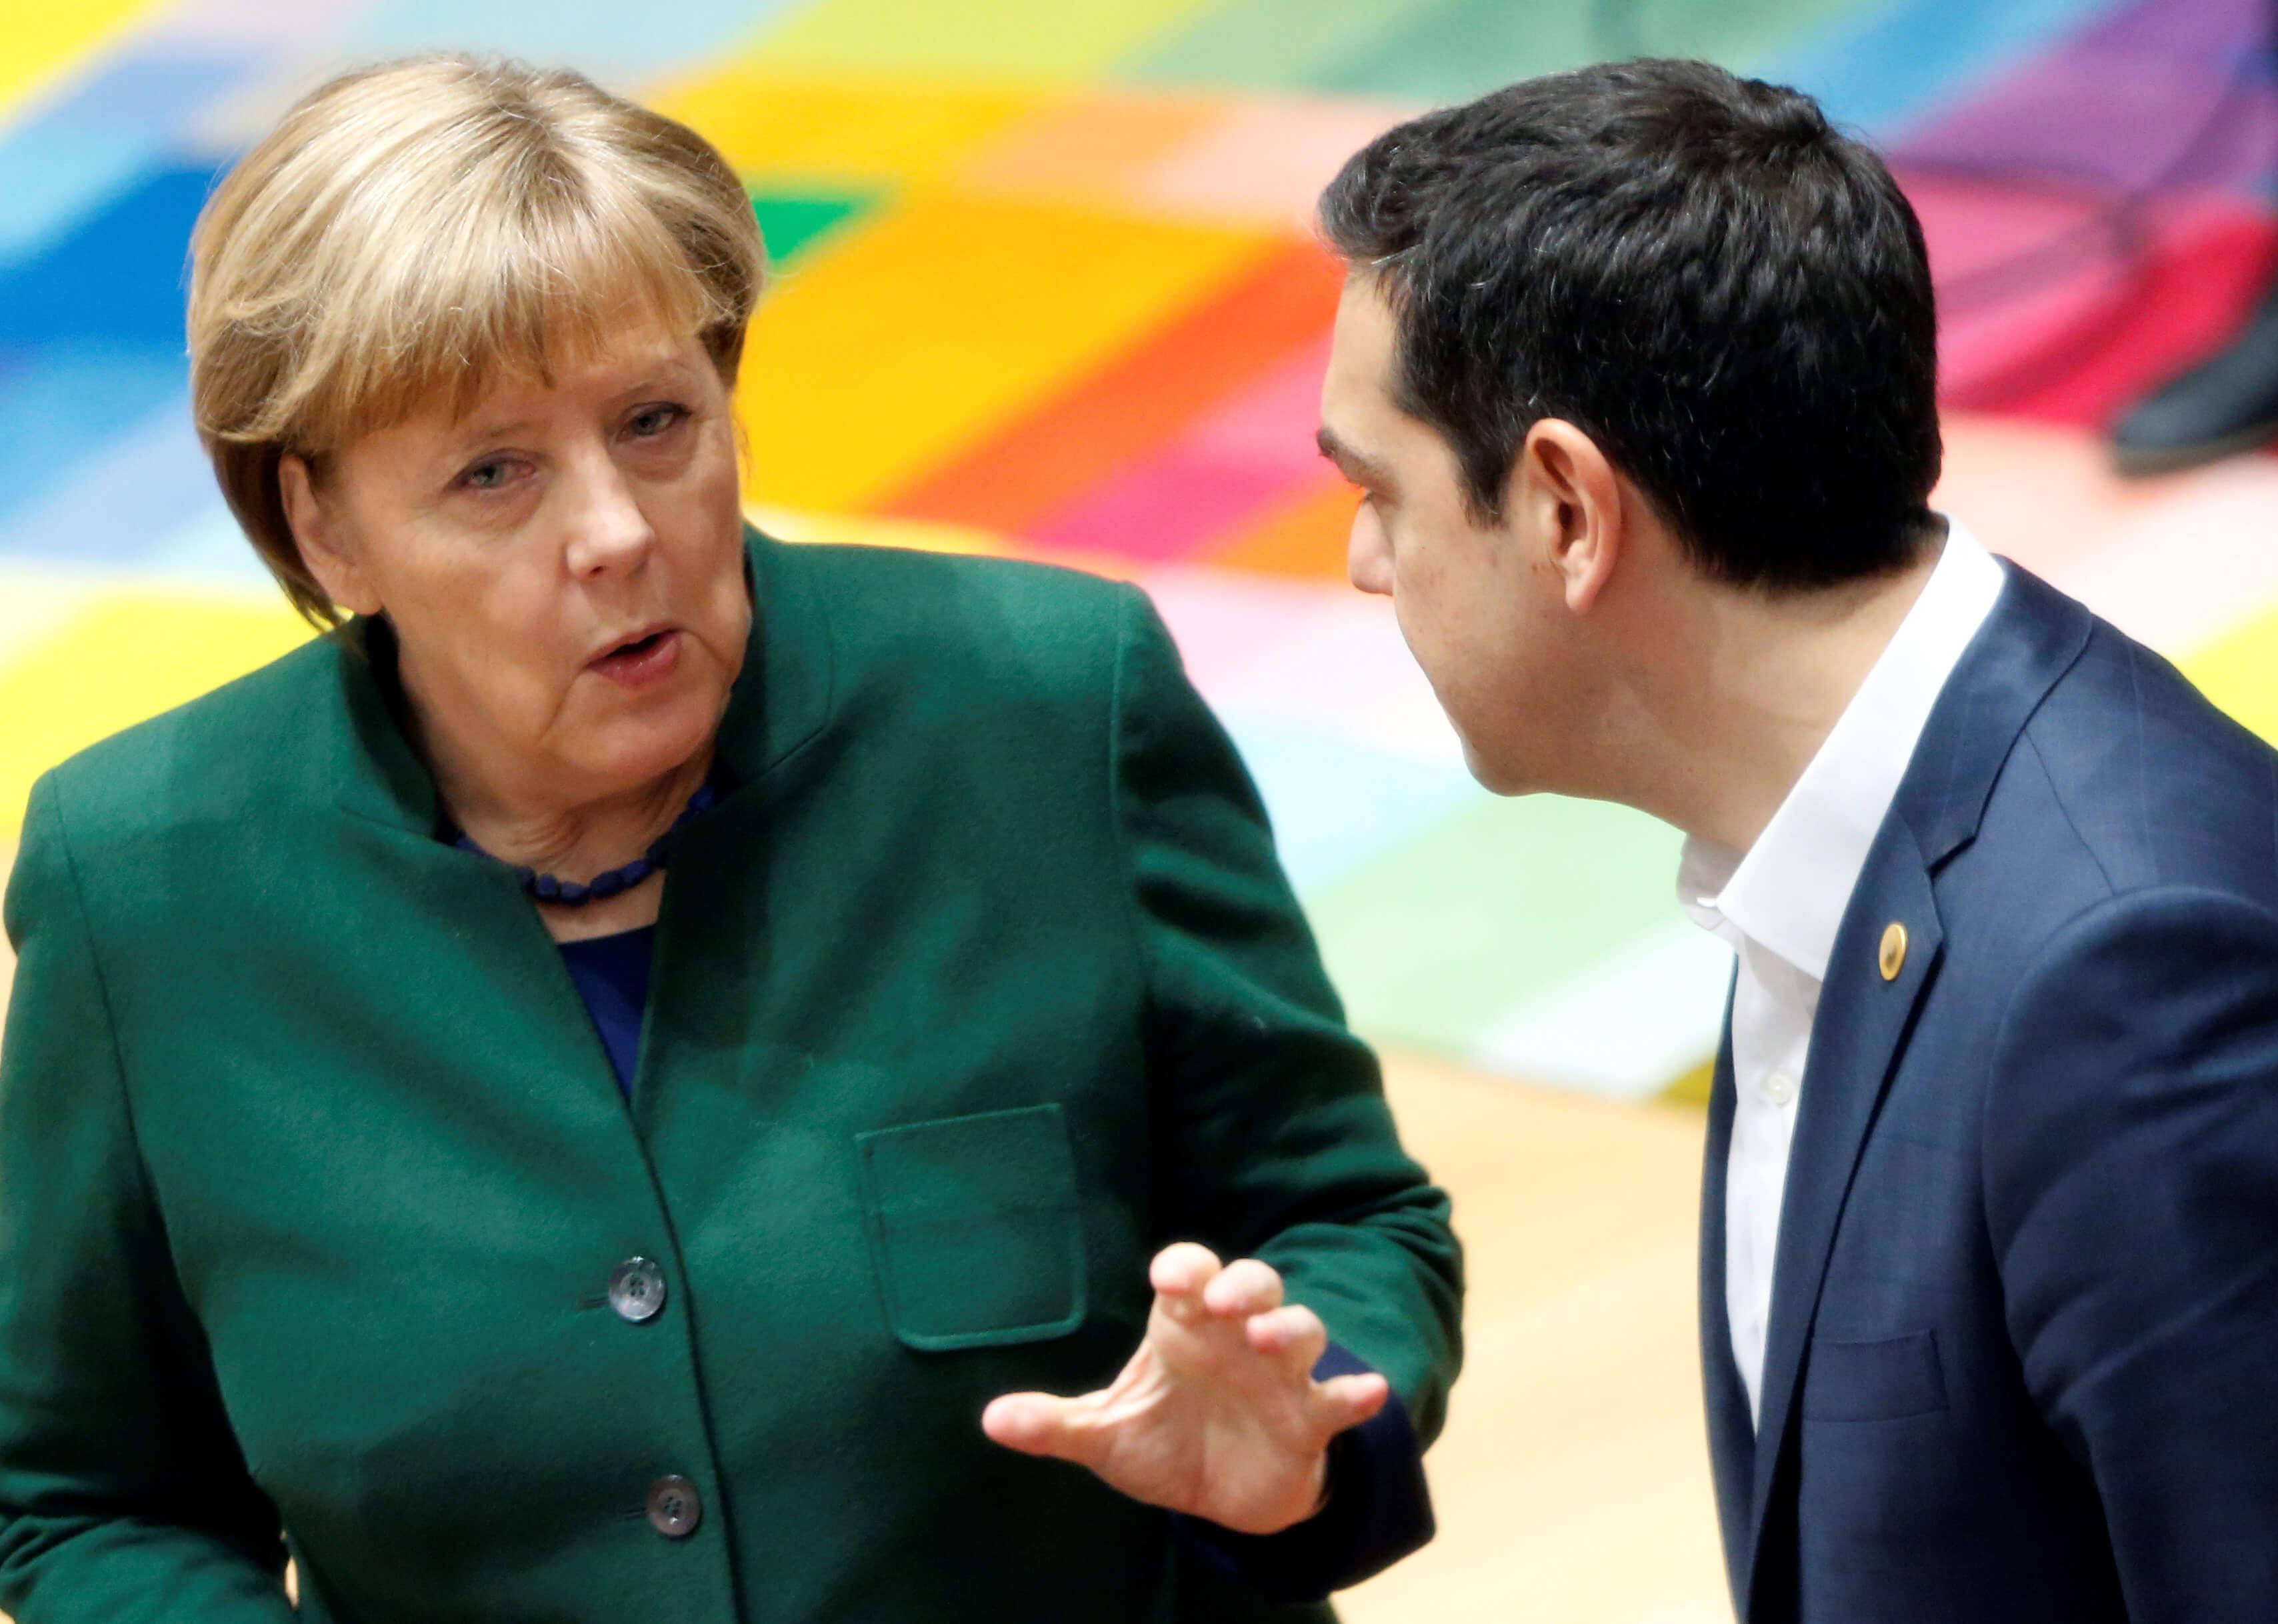 """Νέο… """"άκυρο"""" από τη Γερμανία για τις αποζημιώσεις: Το θέμα θεωρείται λήξαν """"απαντά"""" το Βερολίνο στην Αθήνα"""